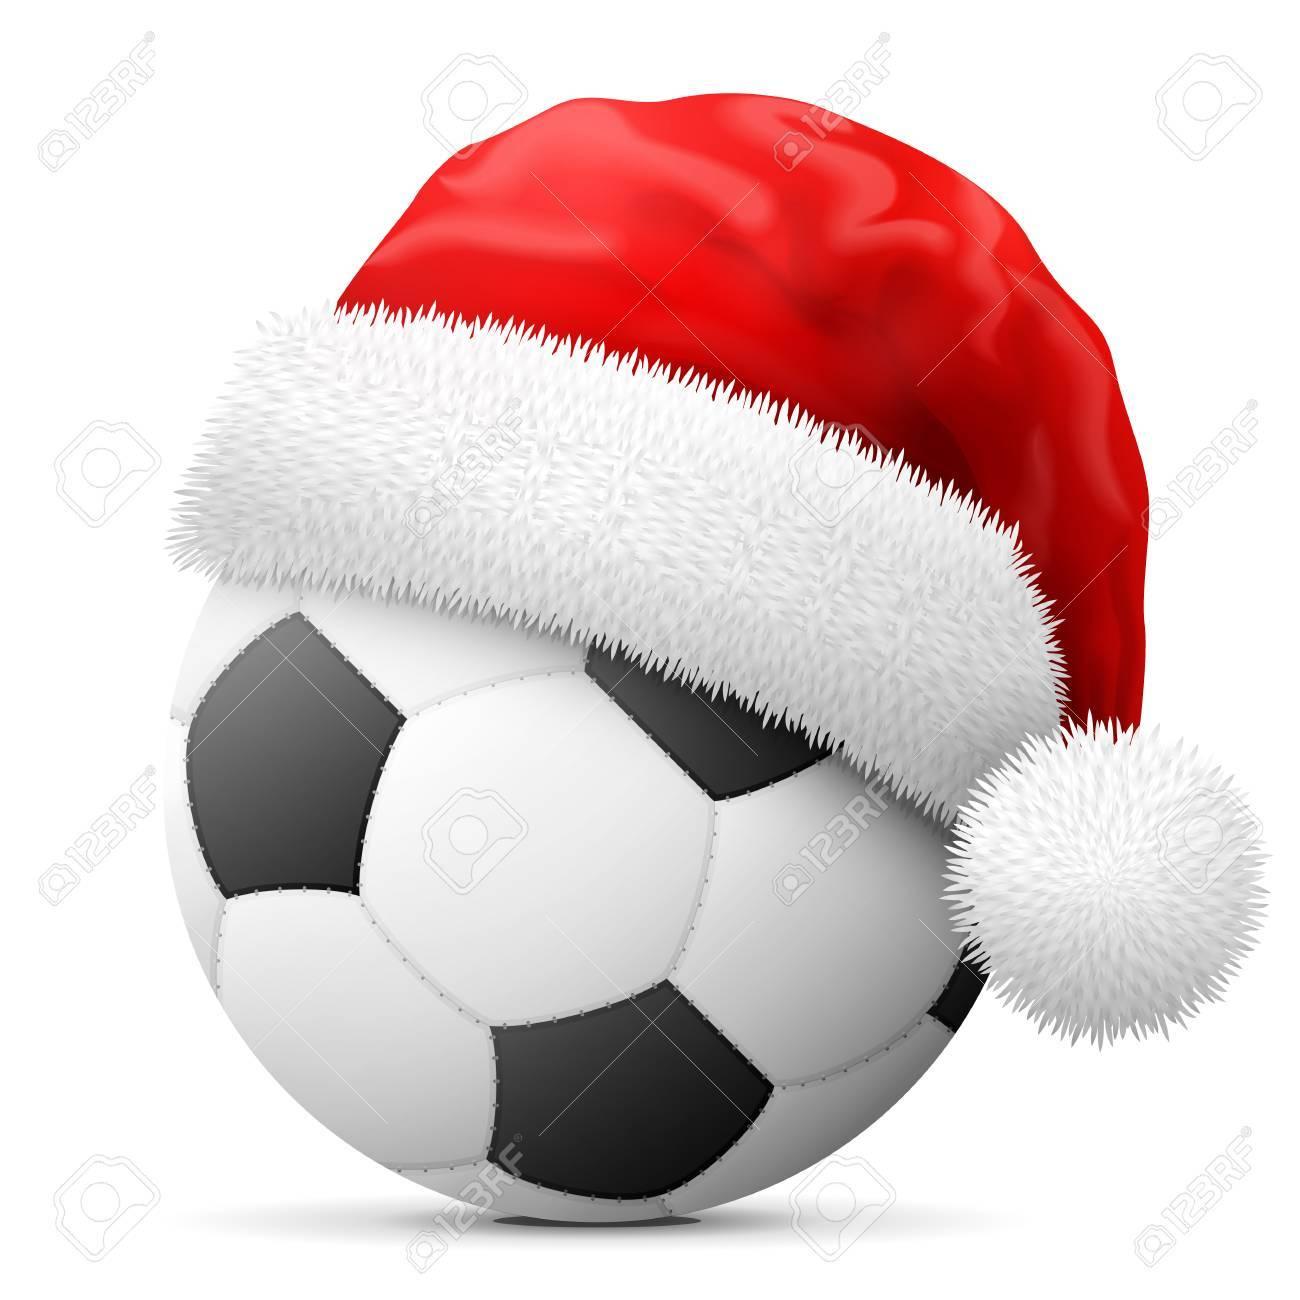 Immagini Cappello Di Babbo Natale.Pallone Da Calcio In Rosso Cappello Di Babbo Natale Natale Cappello E Messo Su Palla Calcio Illustrazione Vettoriale Per Natale Il Calcio